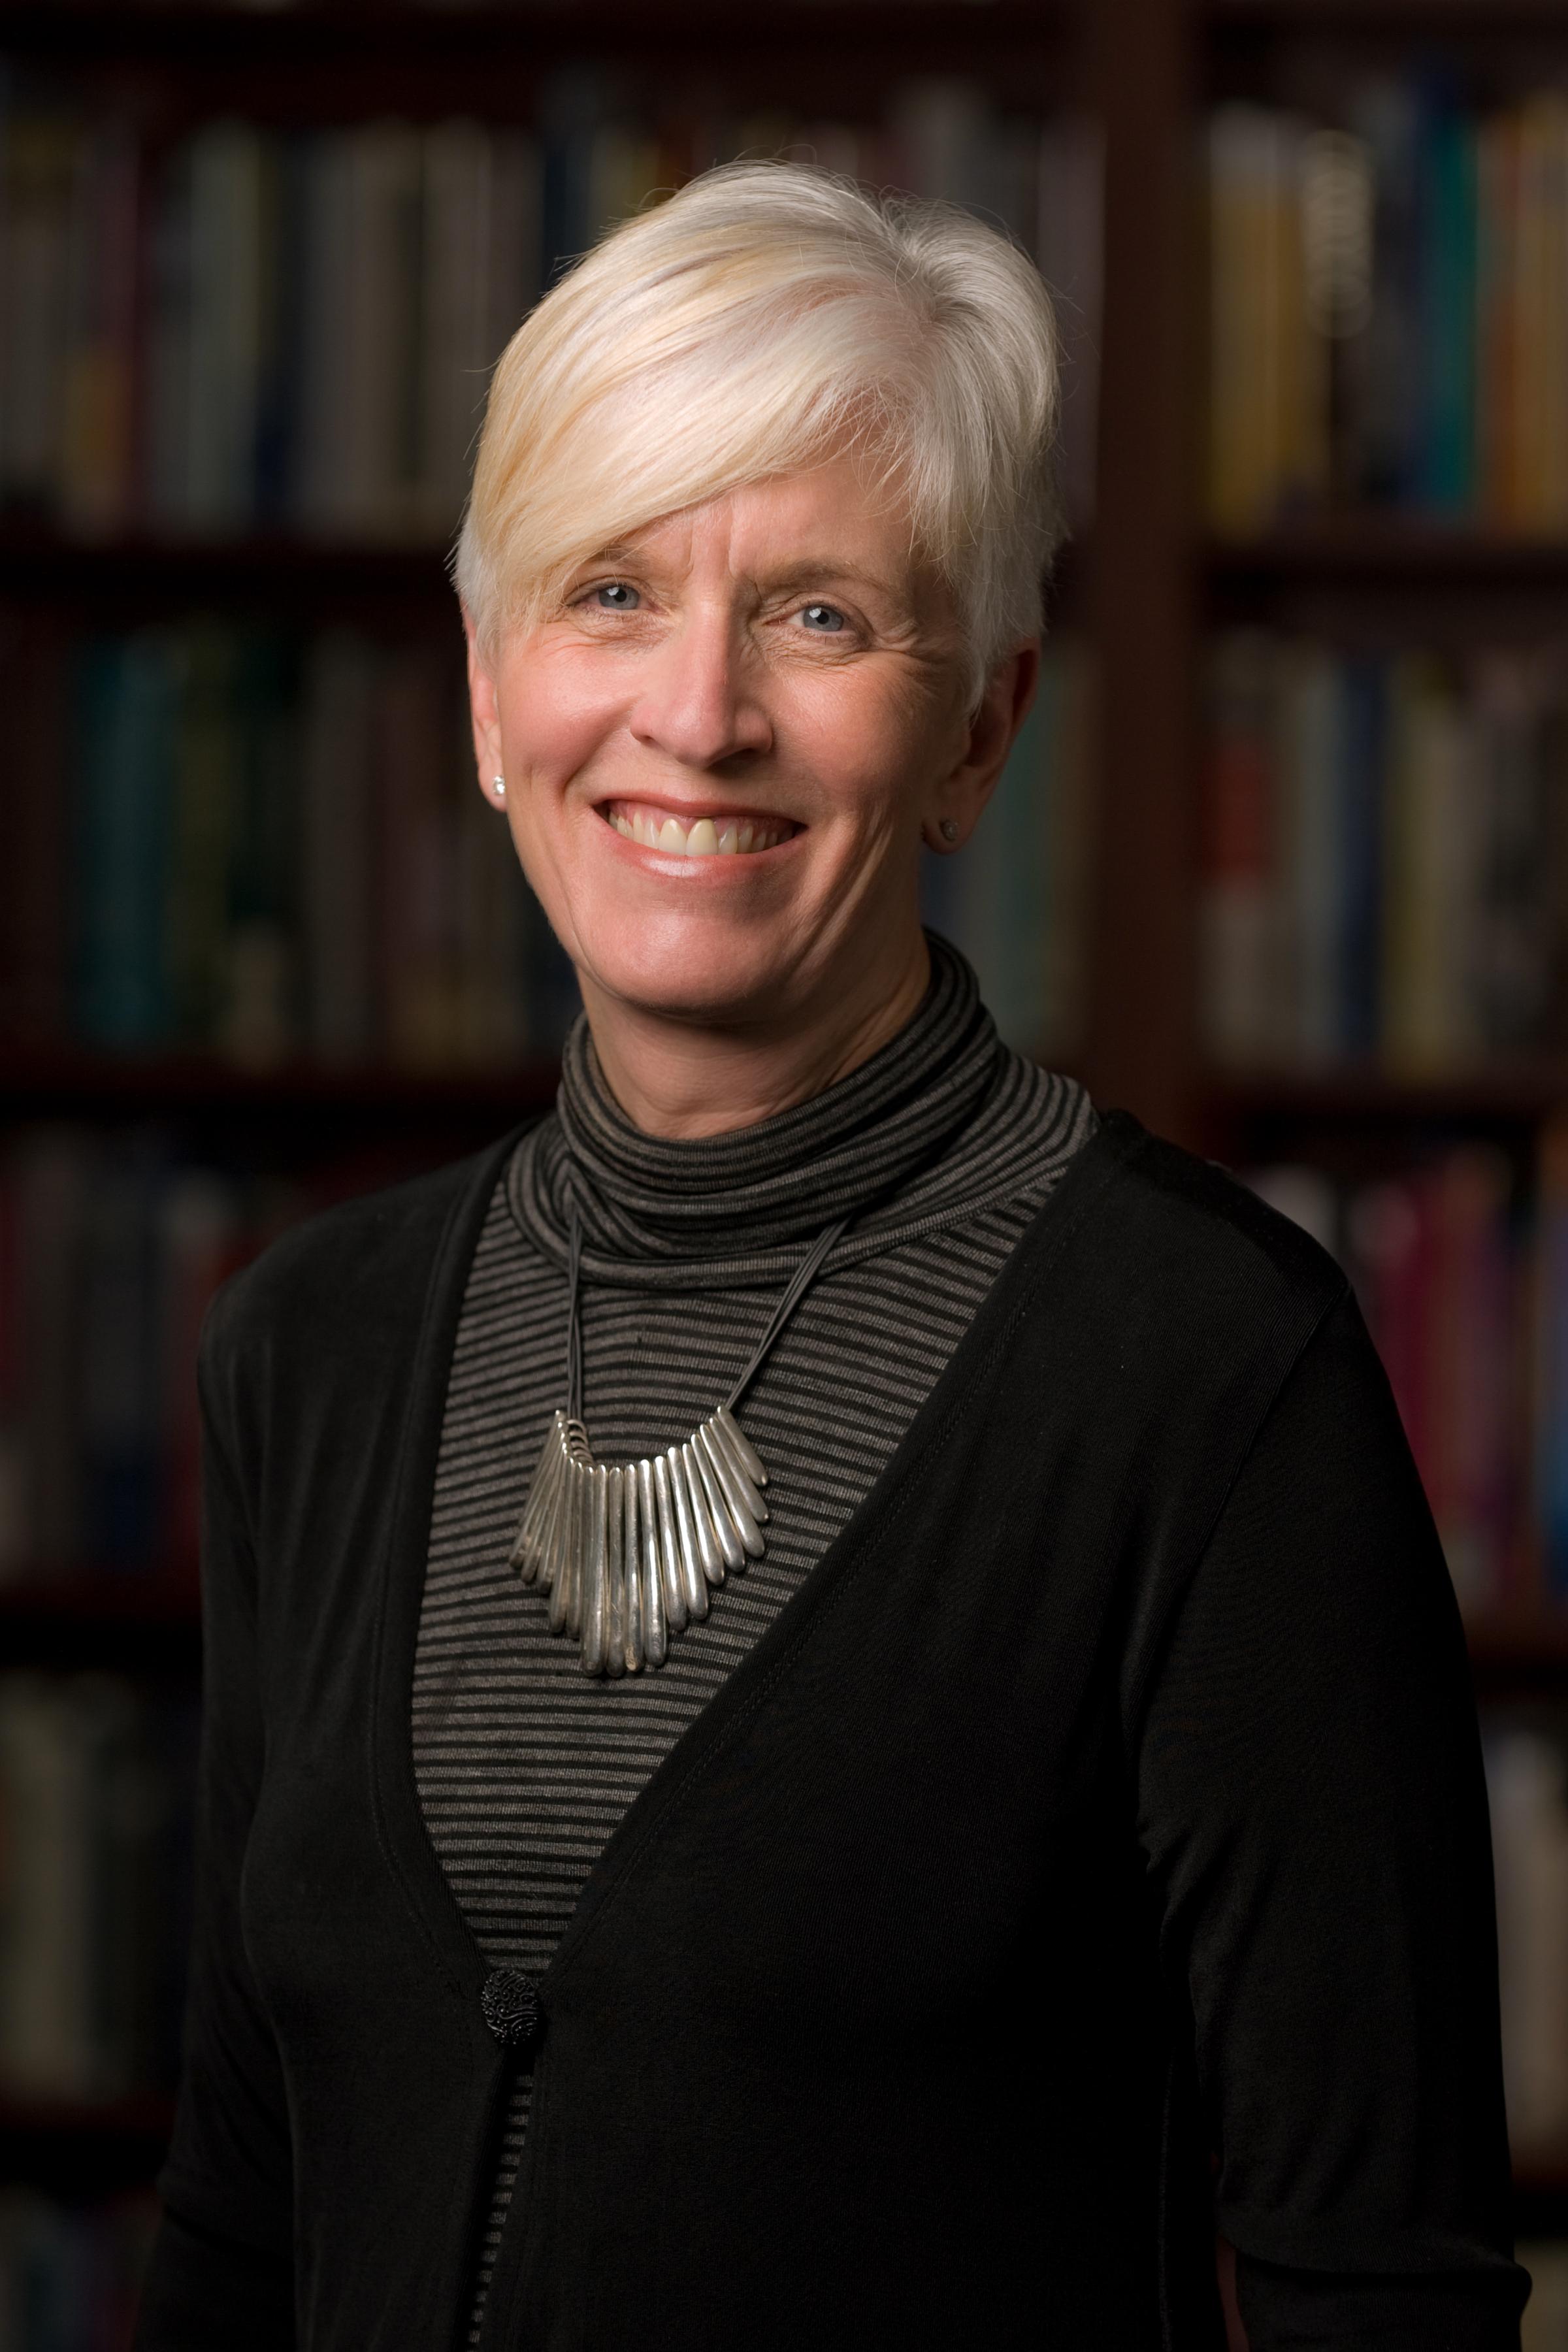 Deborah Vandell, Dean of Education